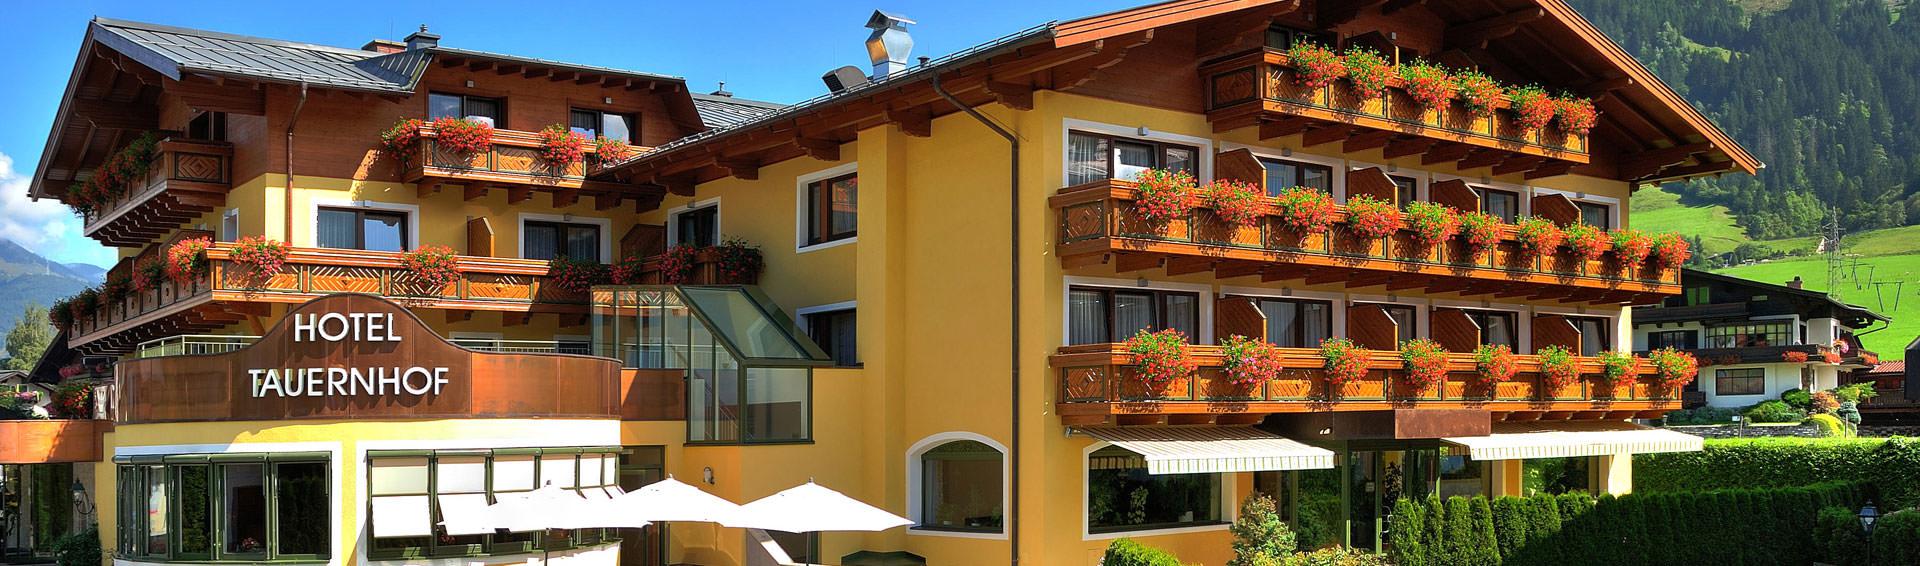 Außenansicht Hotel Tauernhof im Sommer